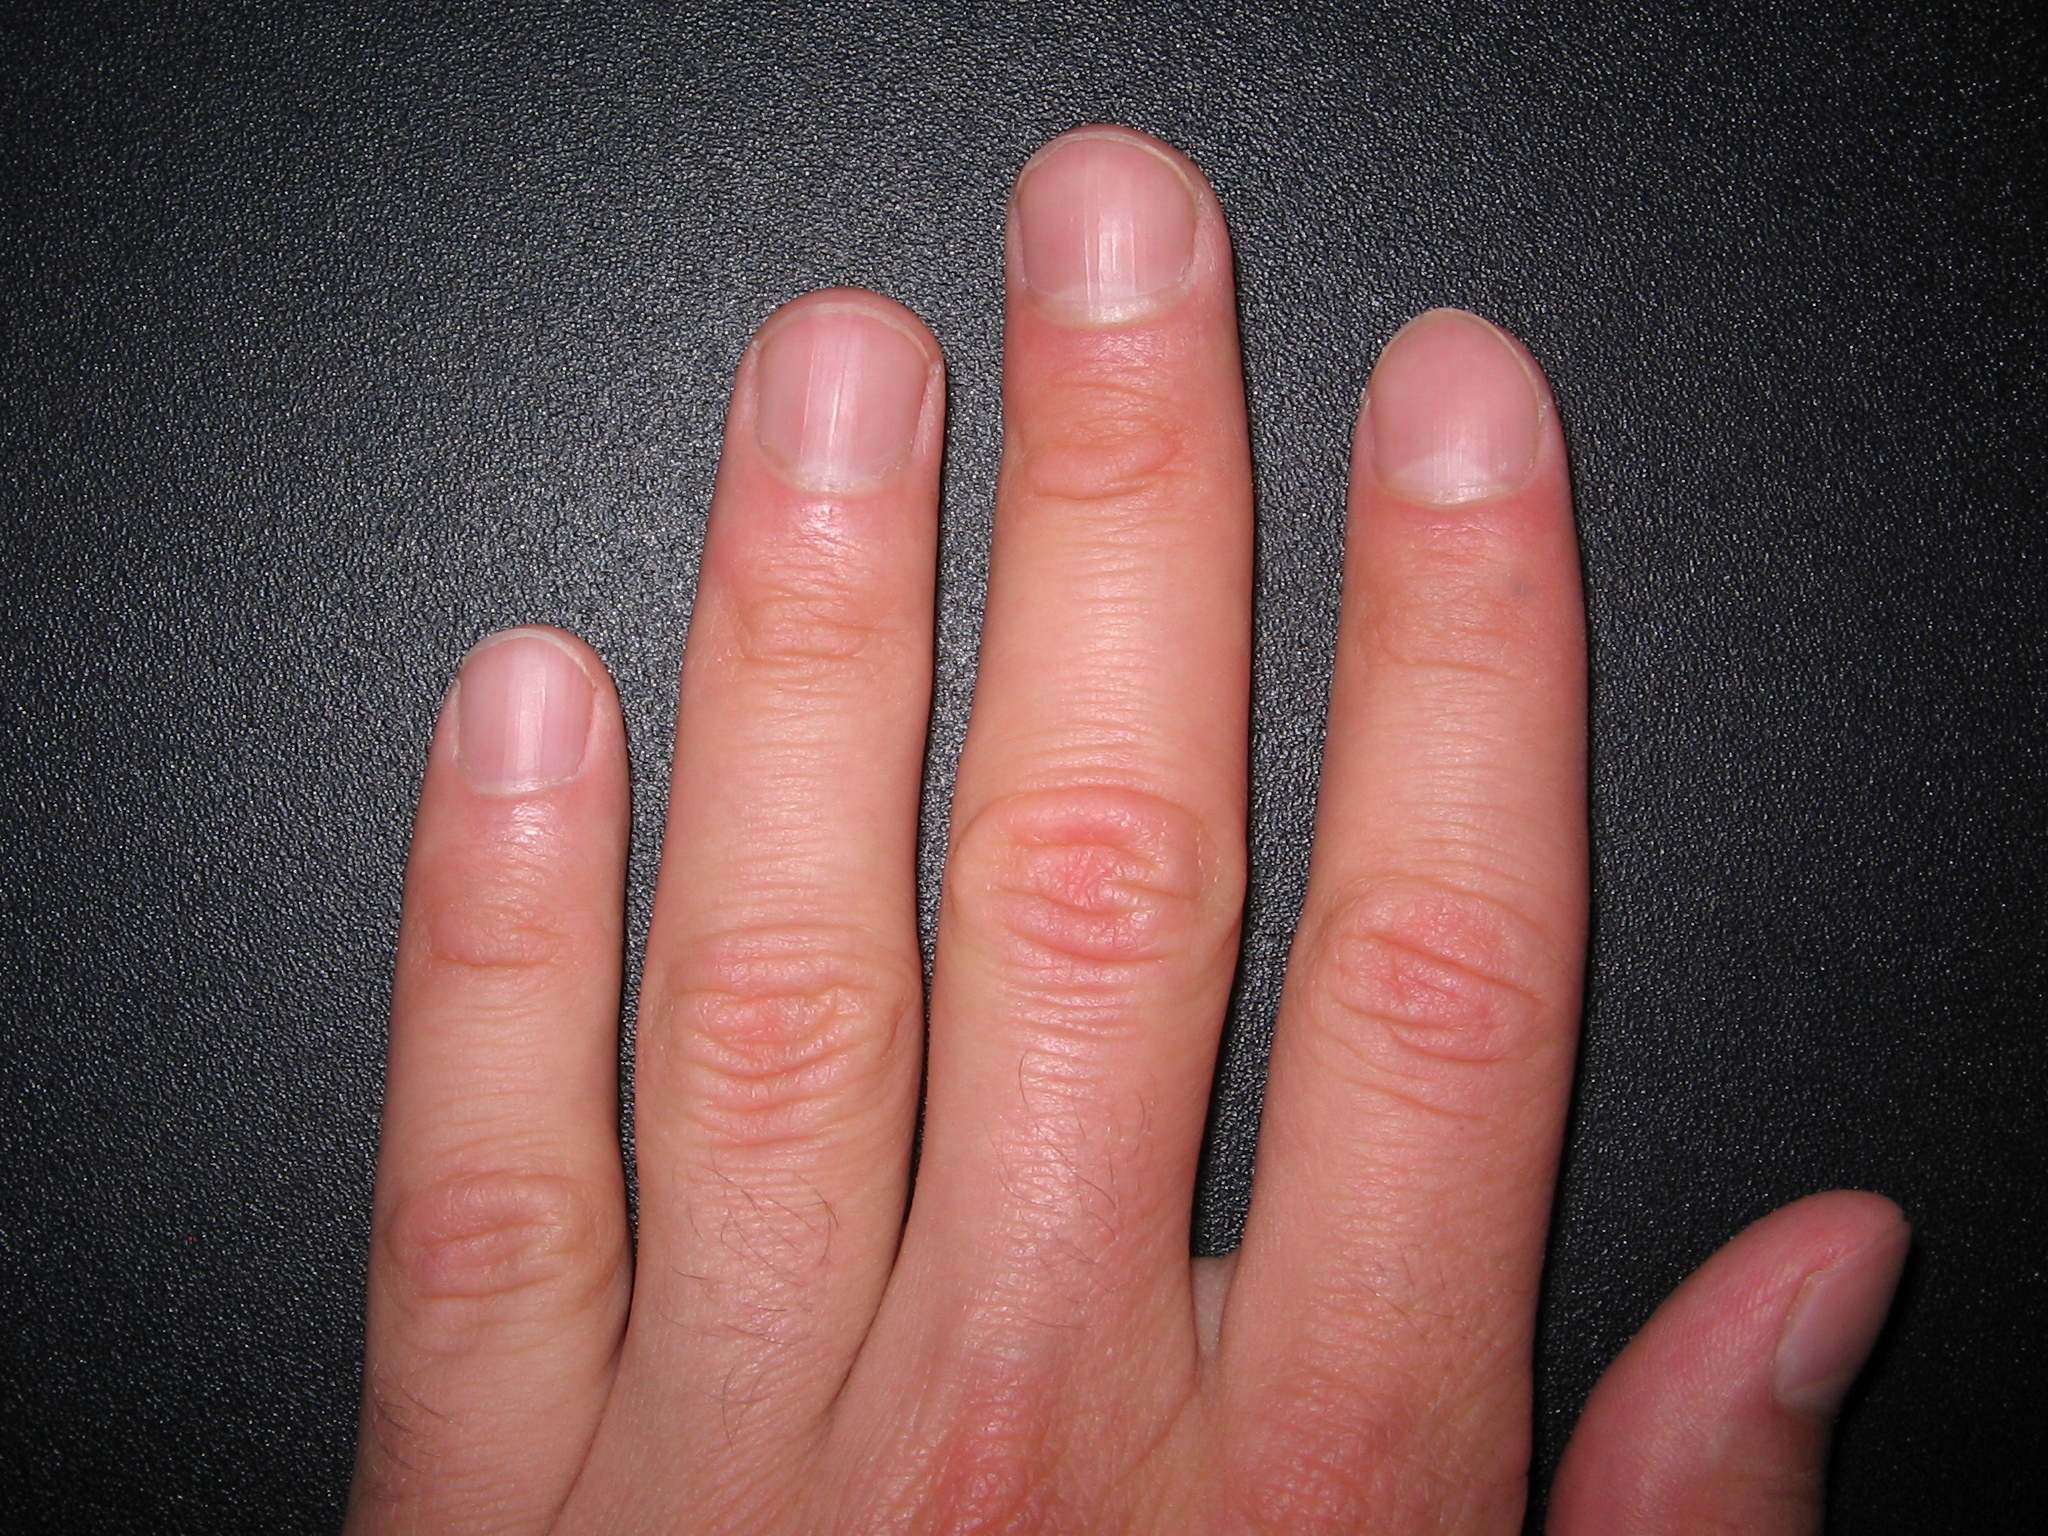 fingern gel bilder pictures to pin on pinterest. Black Bedroom Furniture Sets. Home Design Ideas